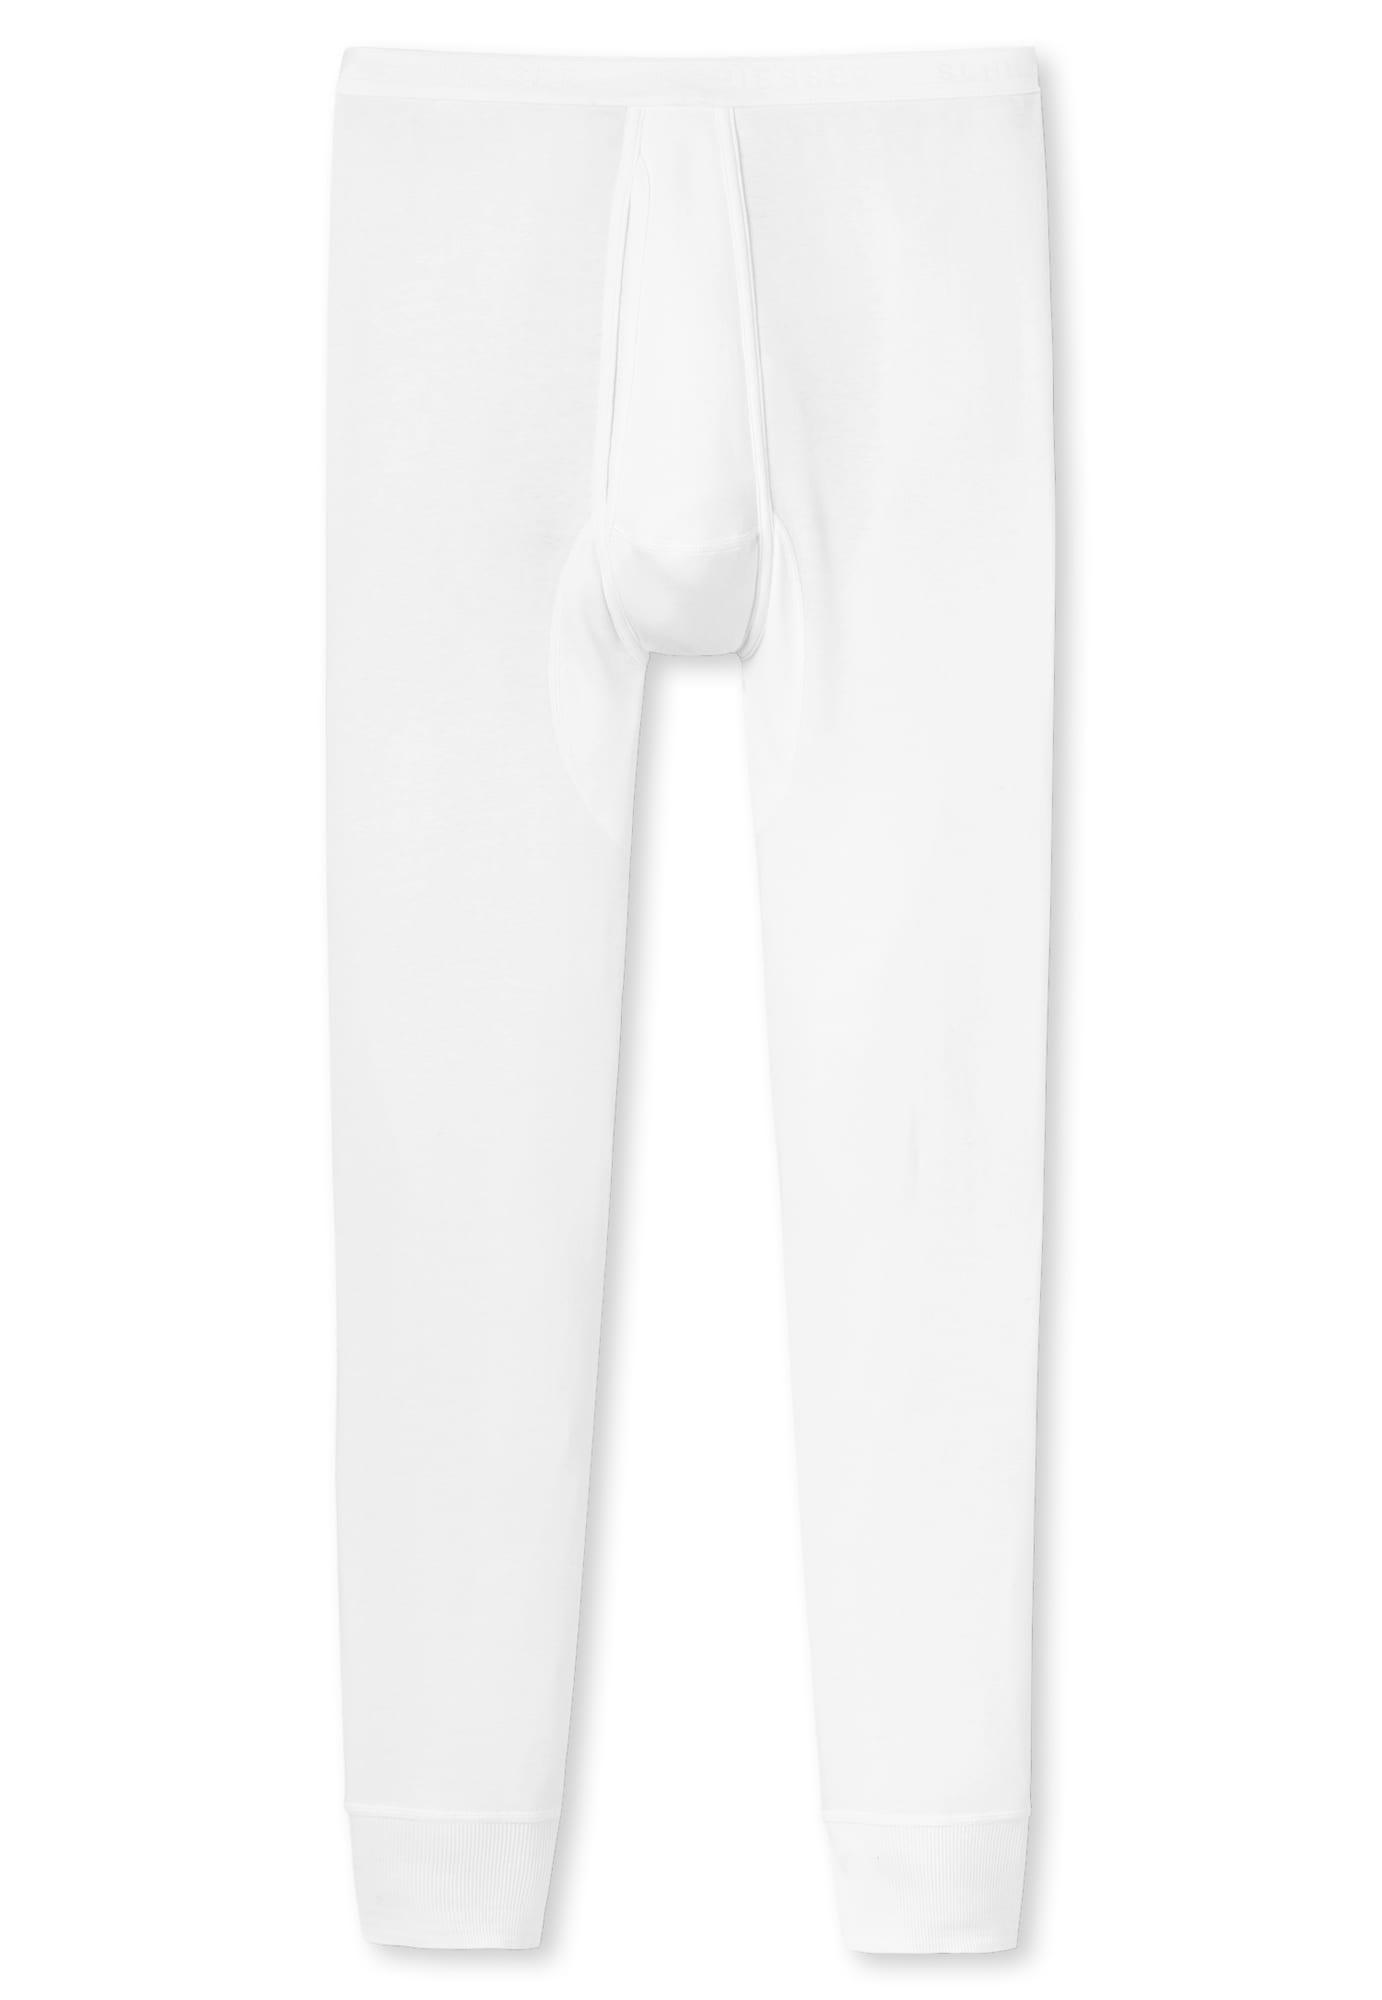 Lange Unterhose | Bekleidung > Wäsche > Lange Unterhosen | Schiesser